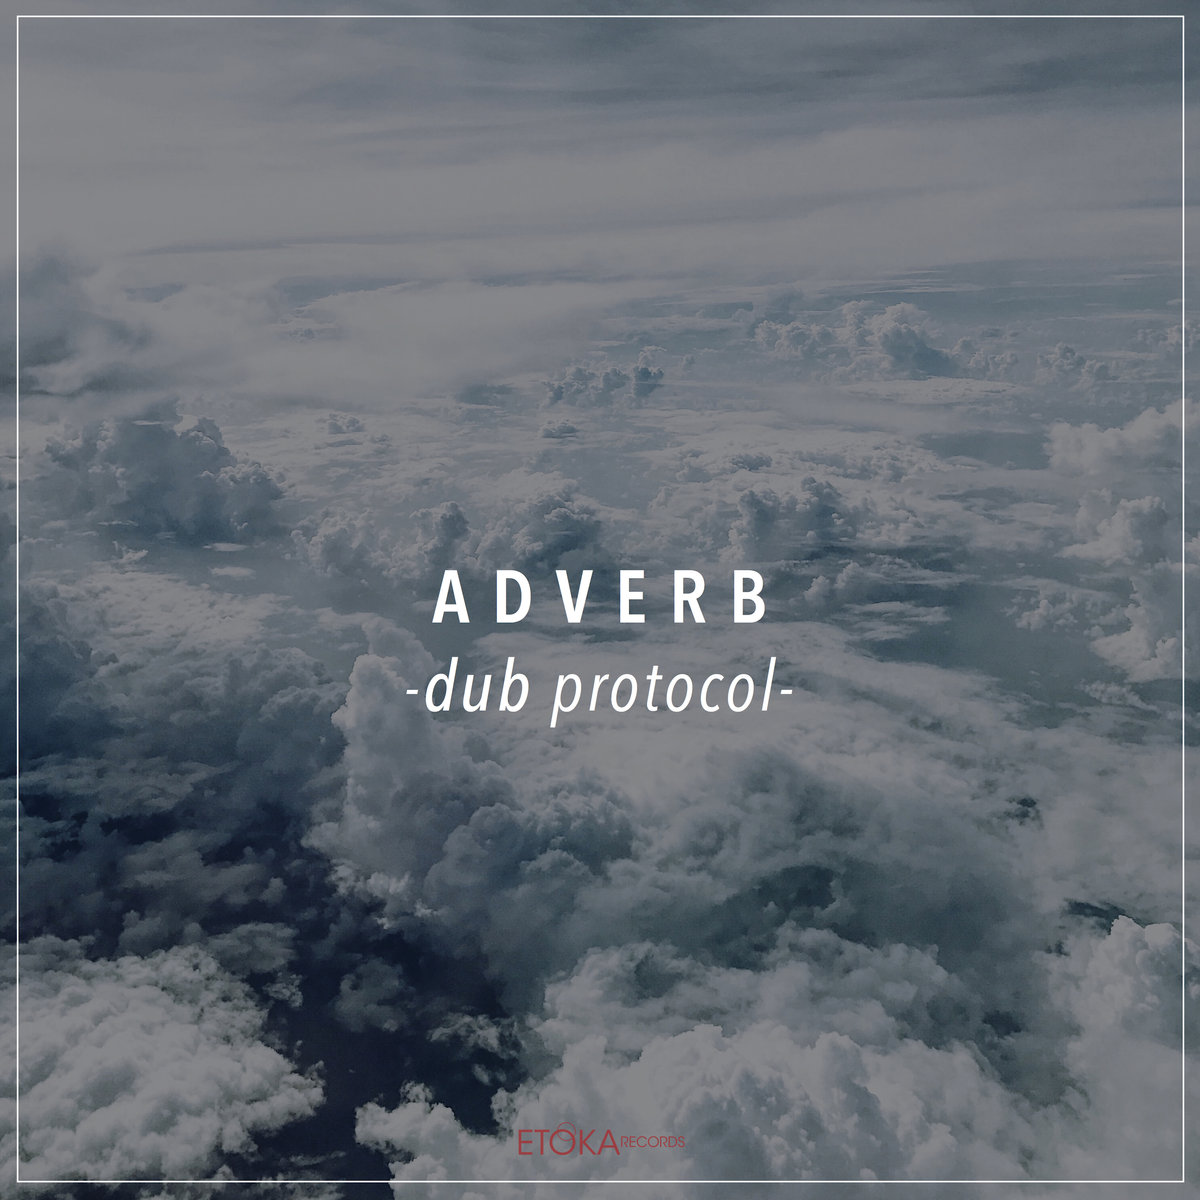 Adverb dub protocol